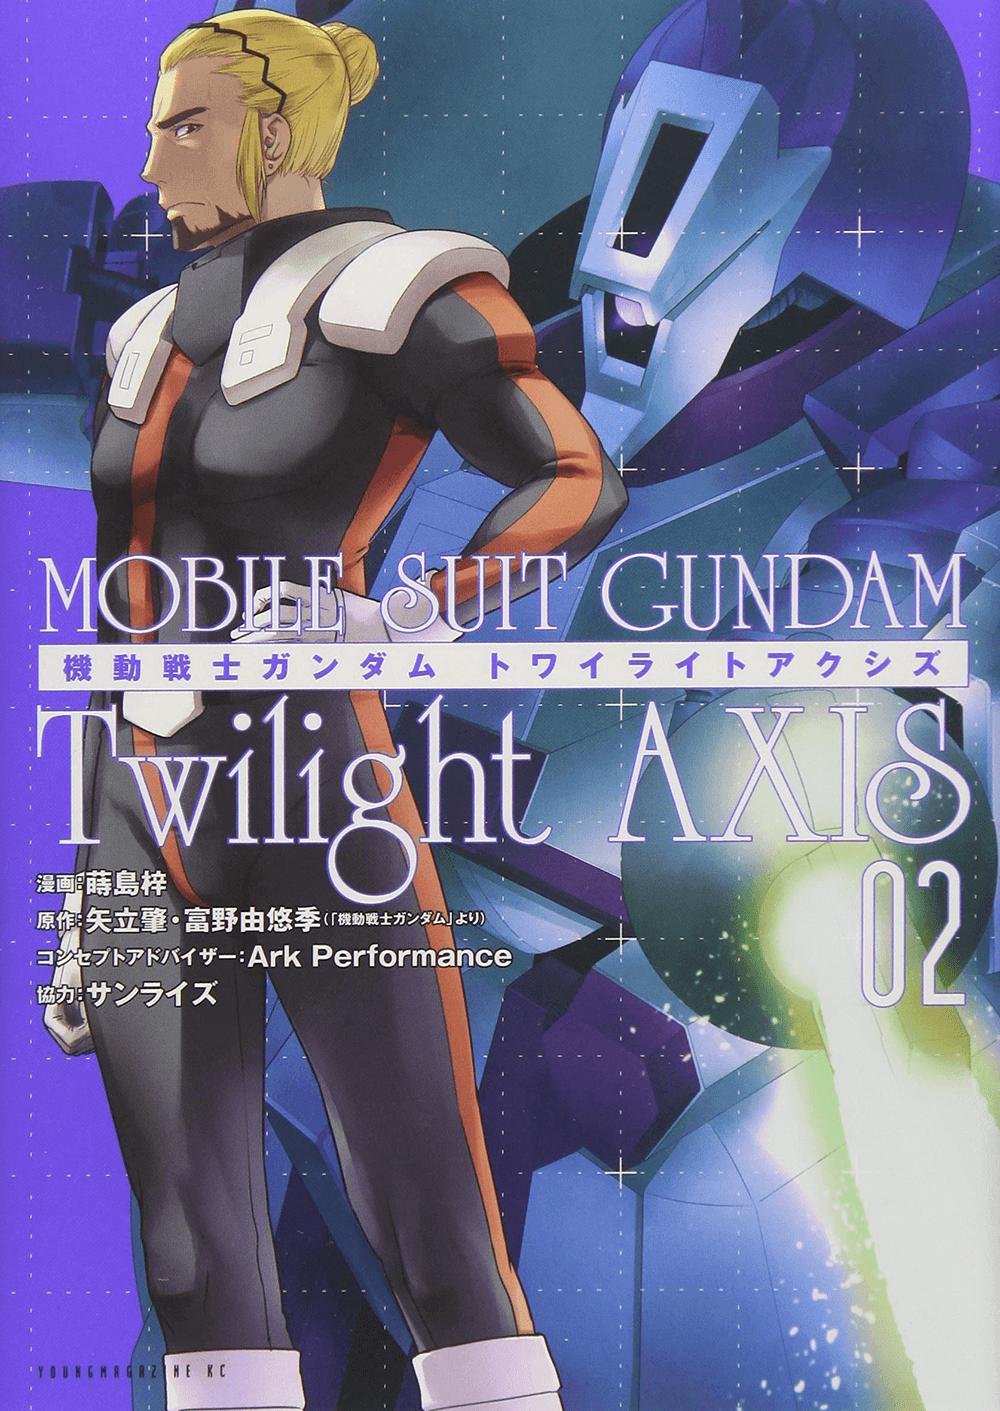 機動戦士ガンダム Twilight AXIS 02